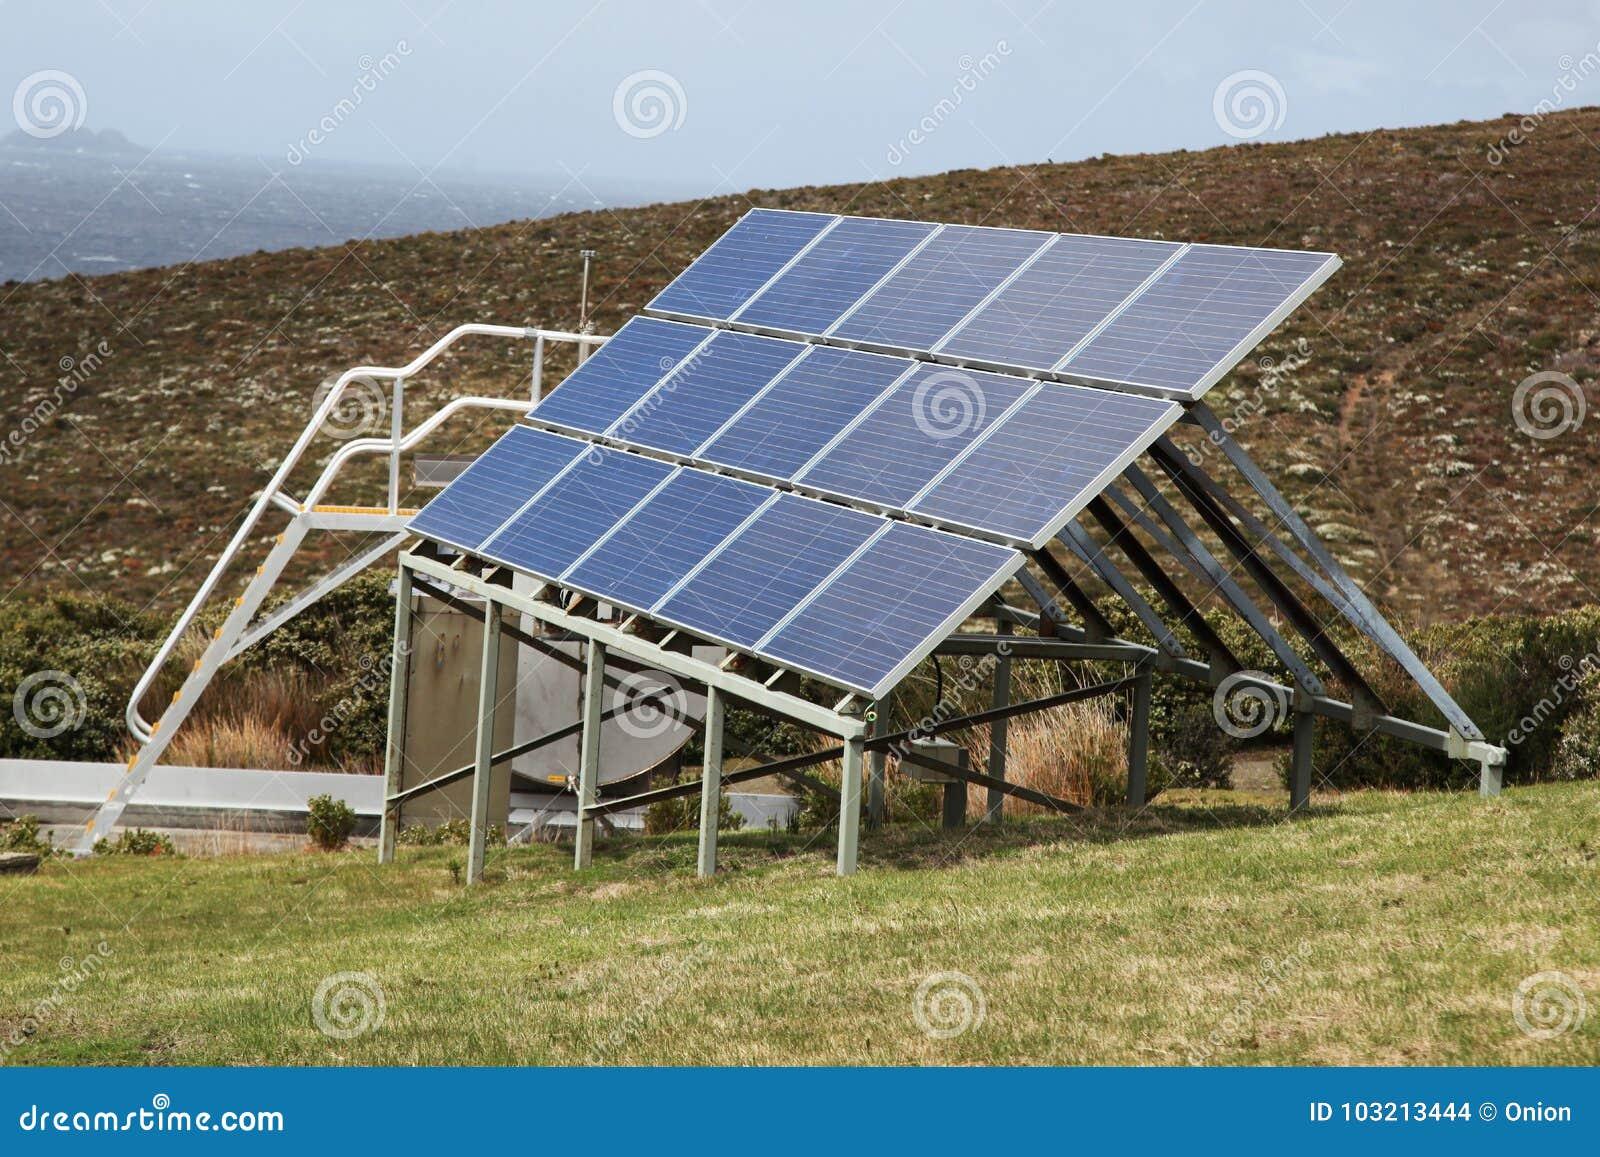 Zonnepanelen gelegen aan een heuvel